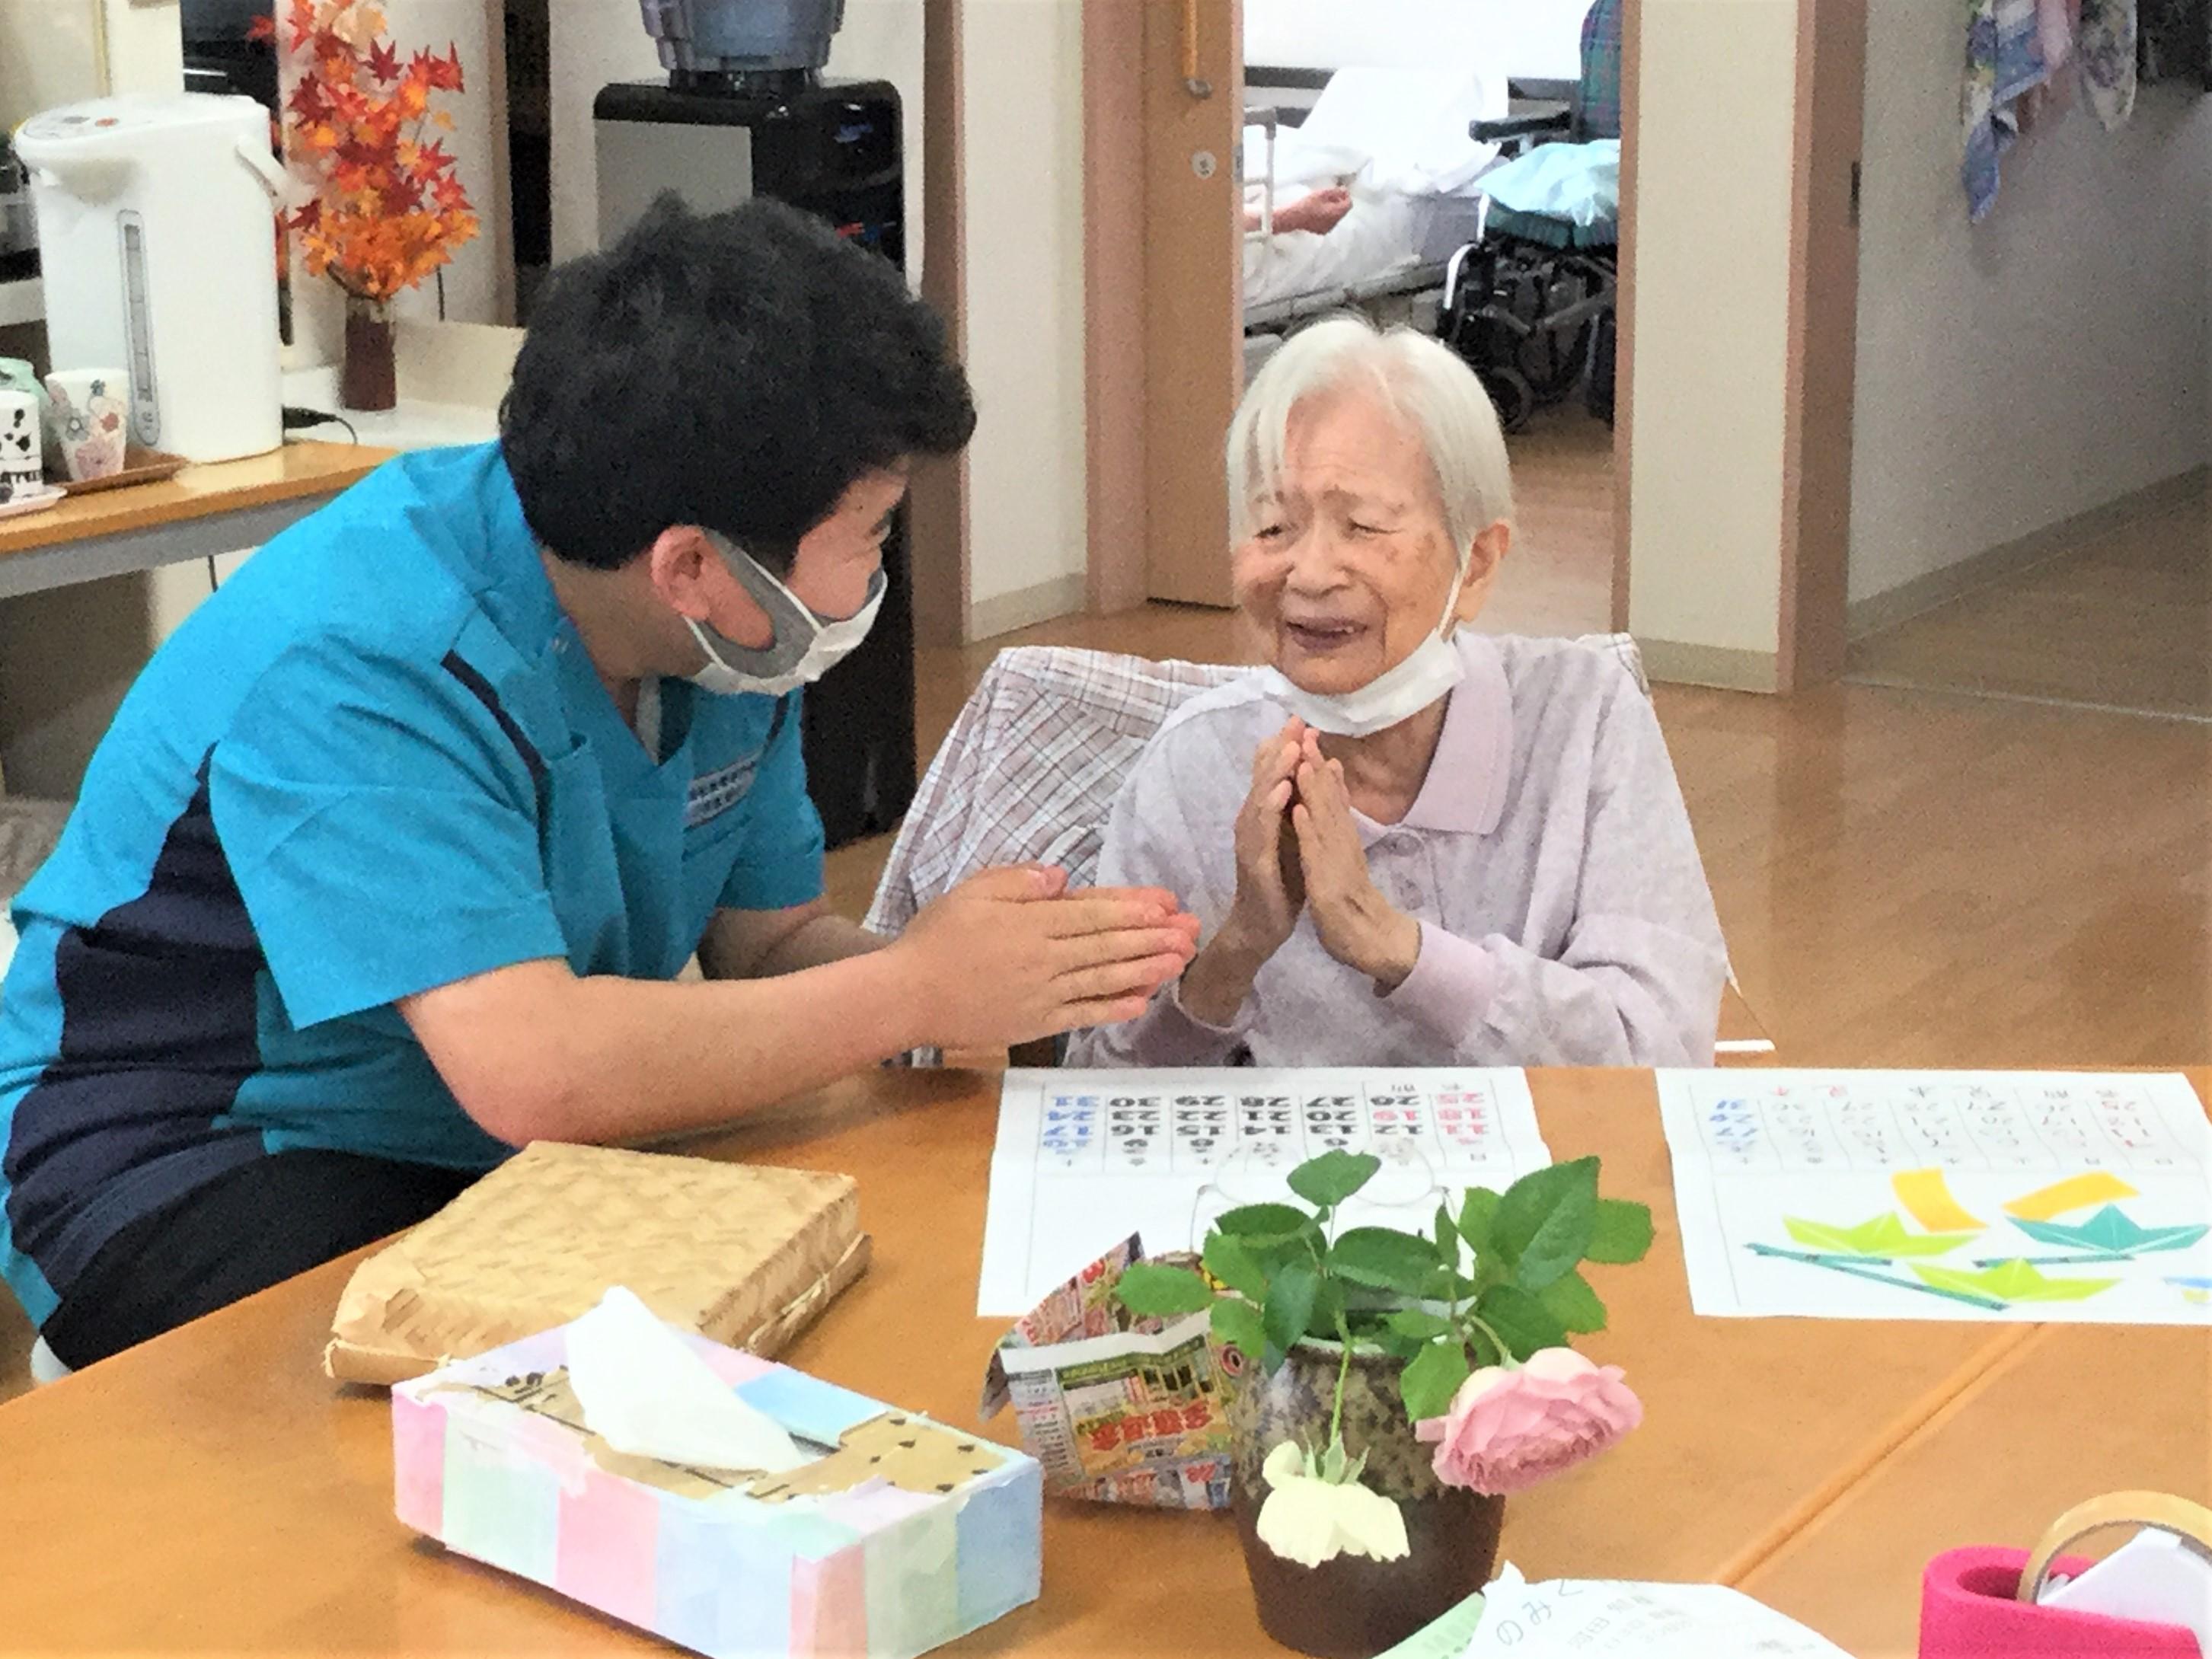 https://blog.magokorokaigo.com/staffblog/bantyo-sh/016%20%282%29_20210712.JPG